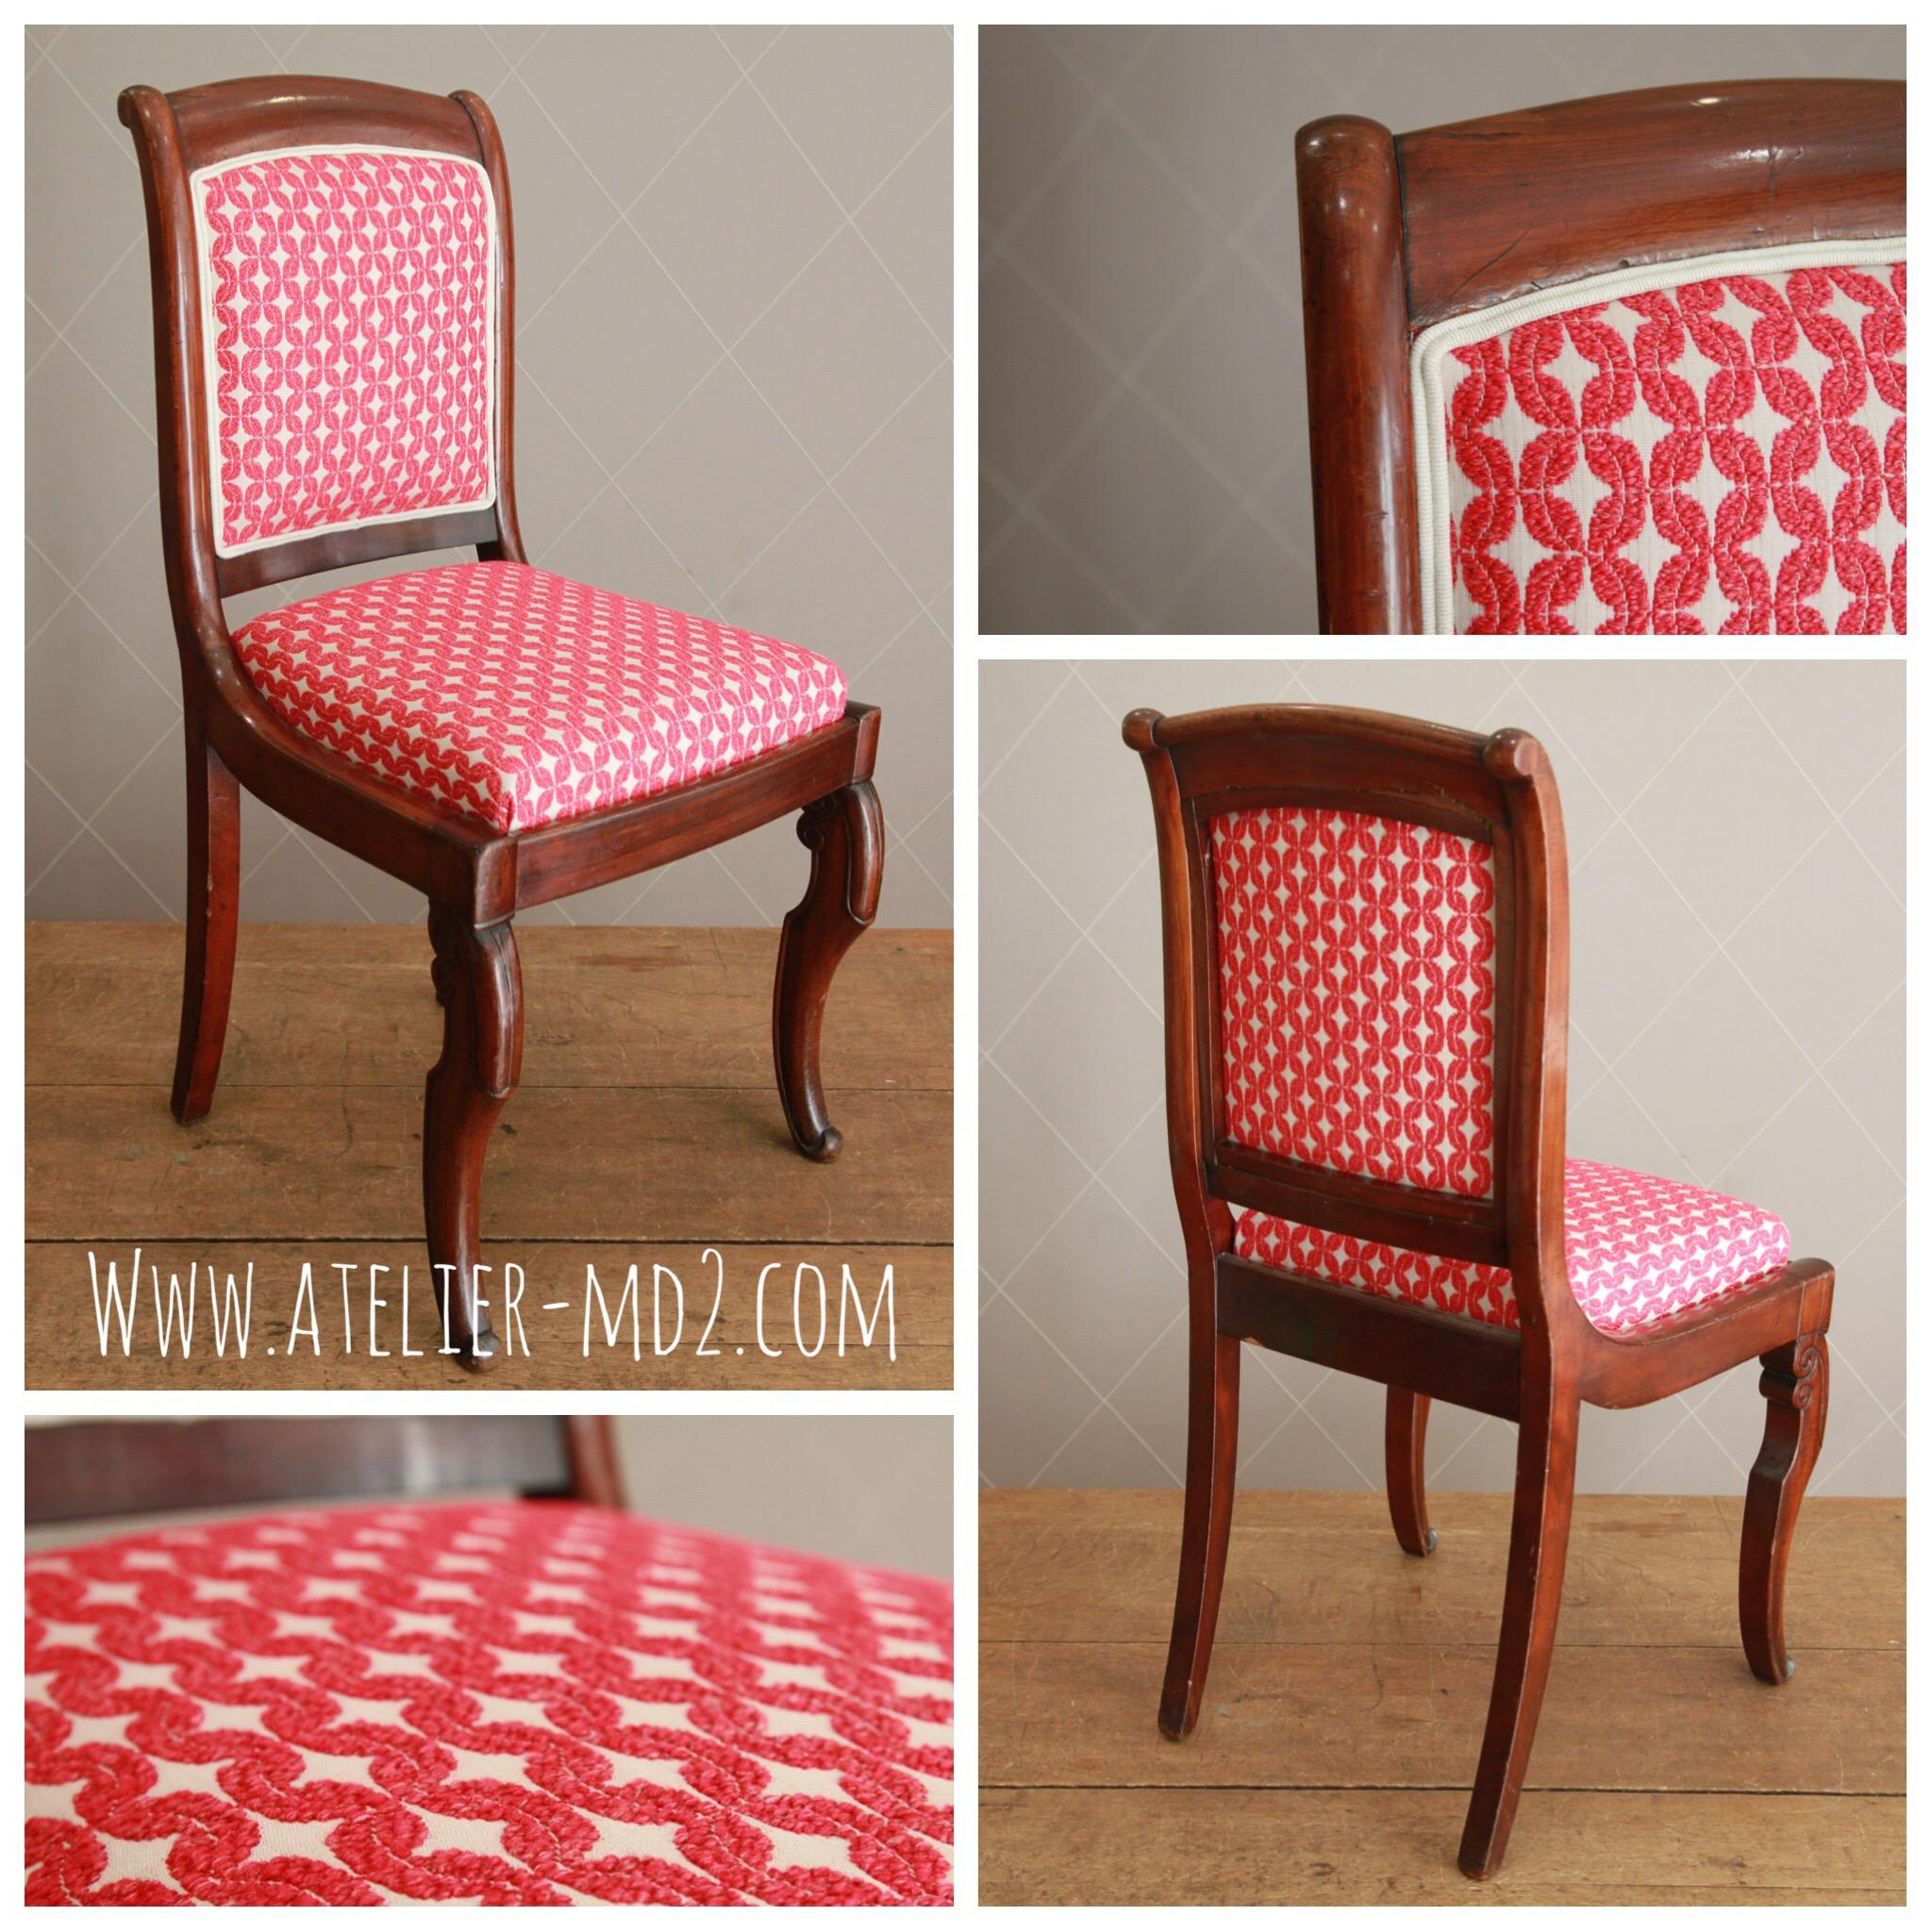 chaise de style restauration avec passepoil contrast atelier md2atelier md2. Black Bedroom Furniture Sets. Home Design Ideas